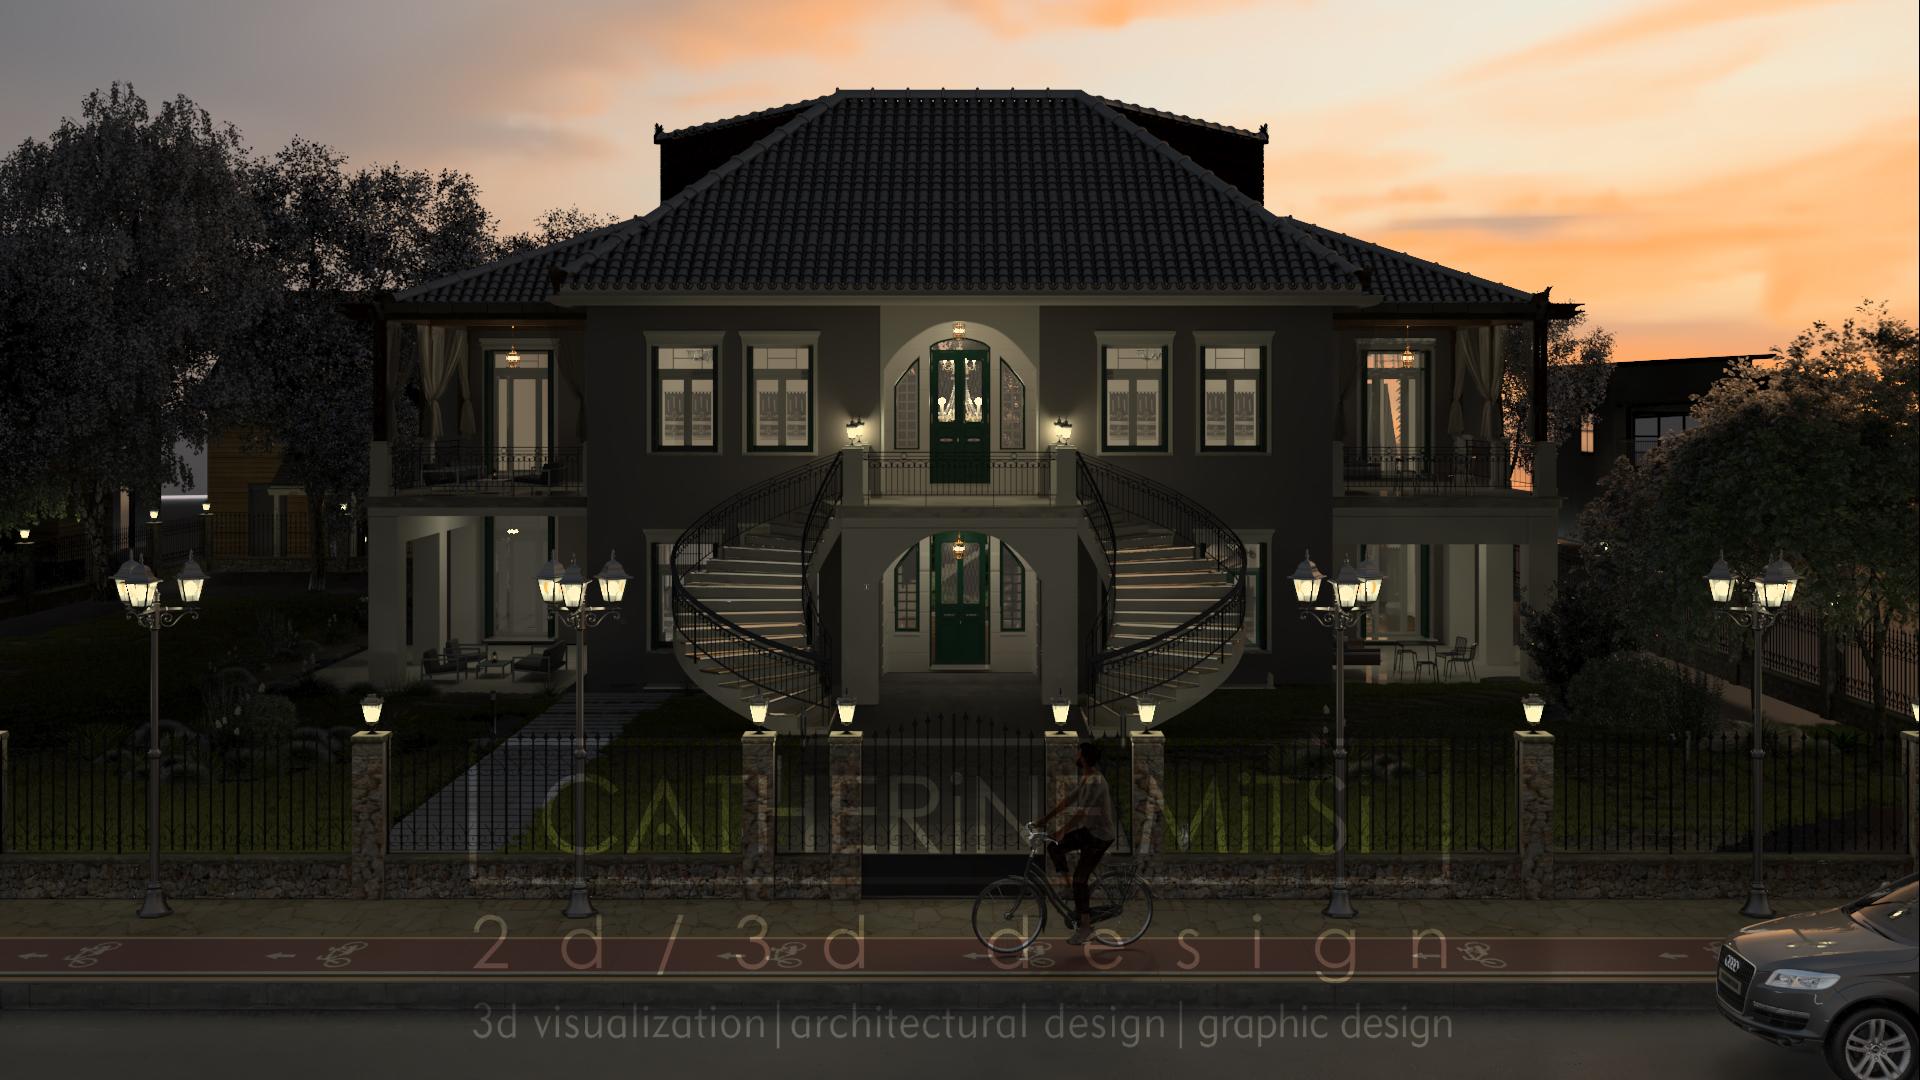 Εξωτερική νυχτερινή όψη νεοκλασικής οικίας